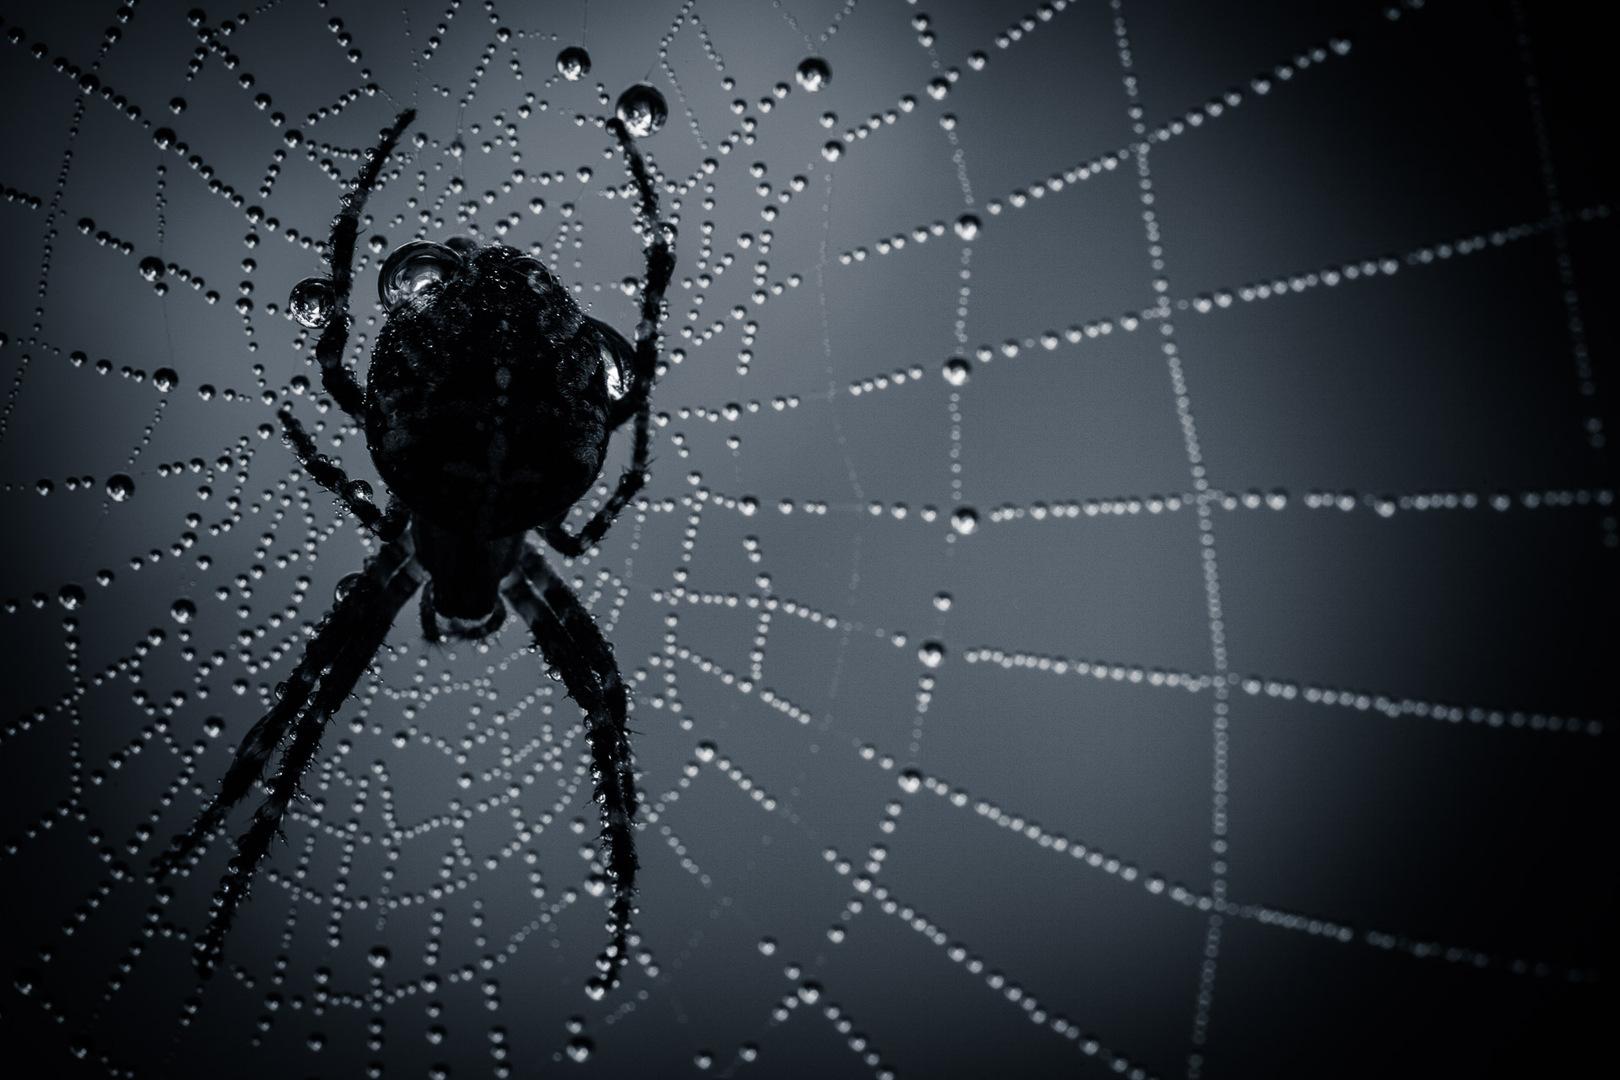 Mooiere herfstfoto's - Een spin in een donker web met dauwdruppels in de ochtend.